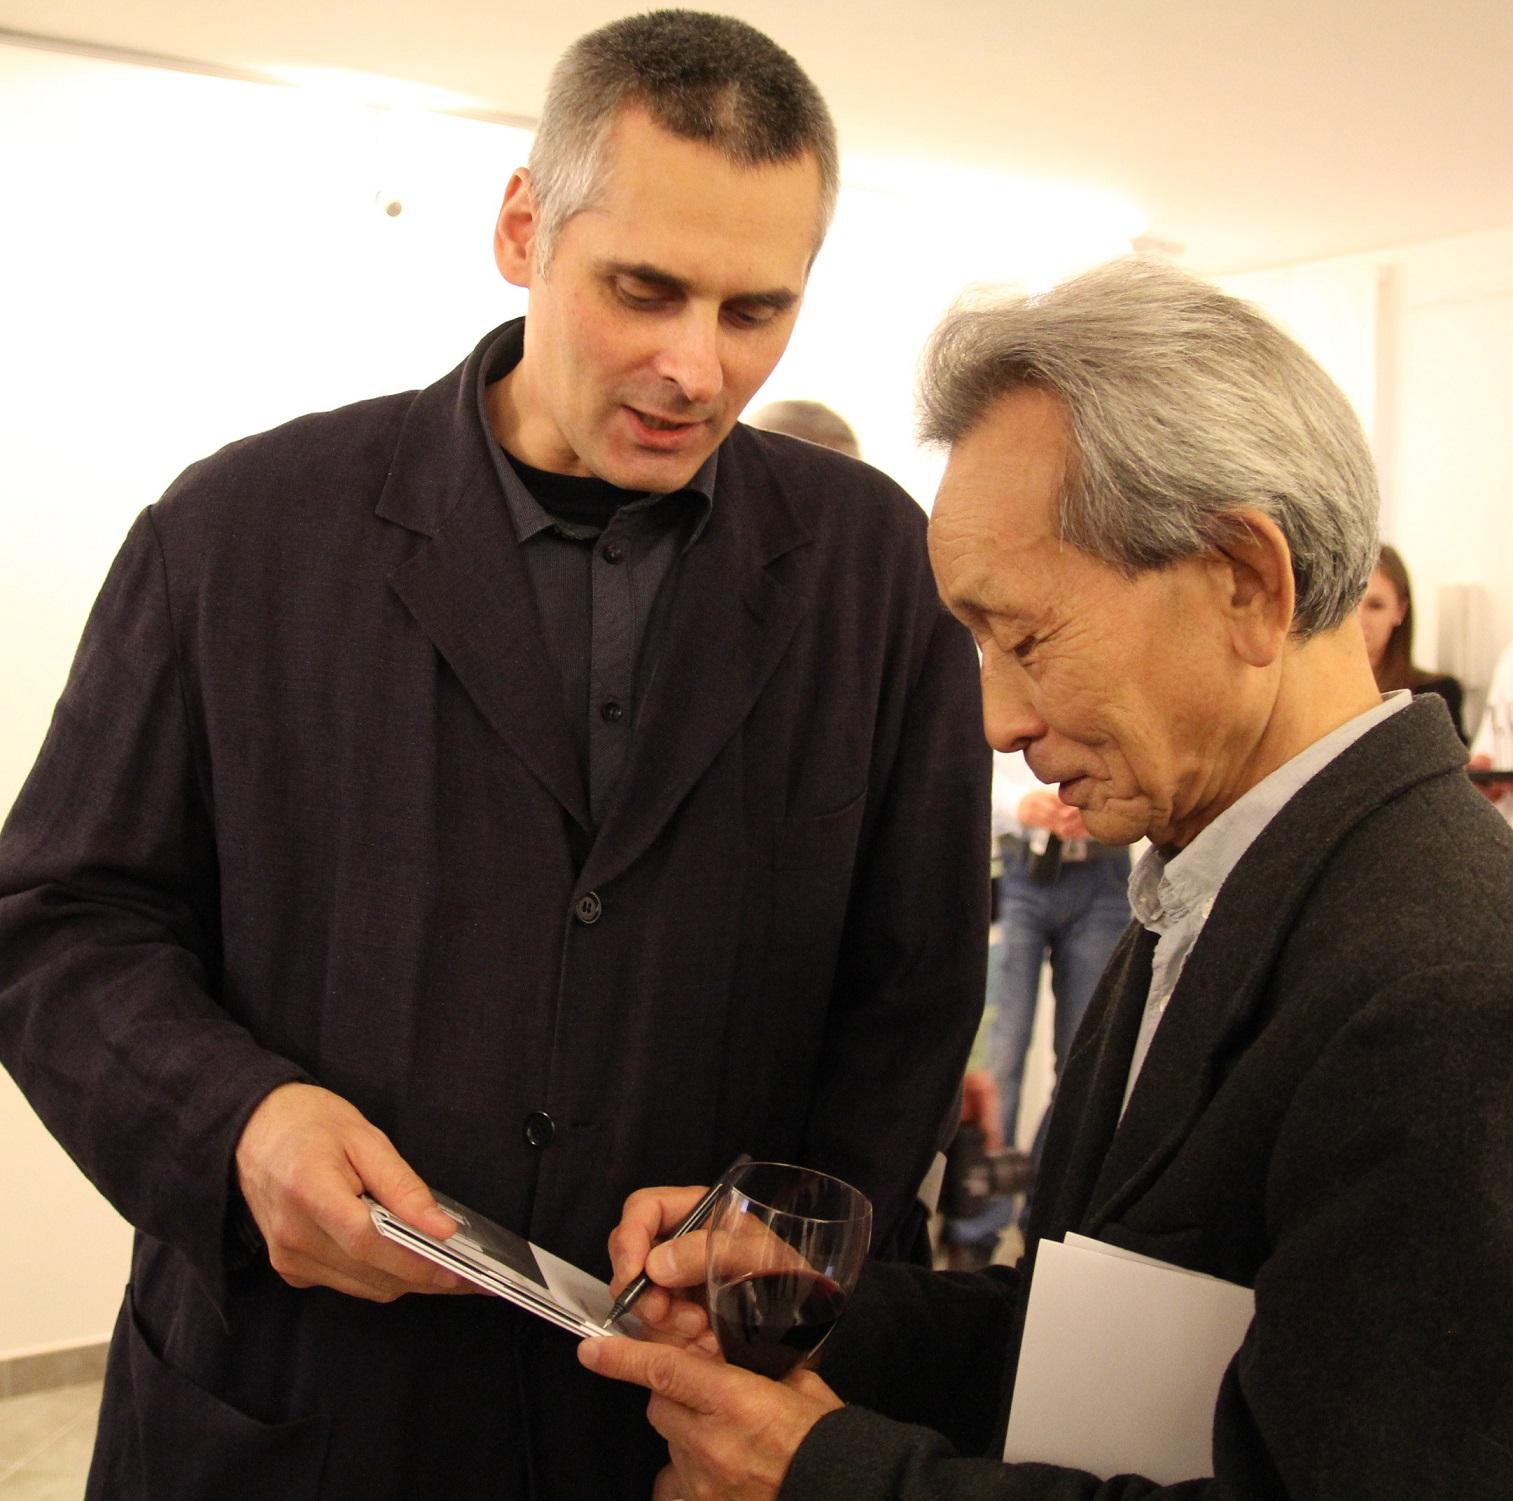 """Koji Kamoji i Łukasz Głowacki, wernisaż wystawy """"Koji Kamoji. Malarstwo"""", wrzesień 2012 roku."""